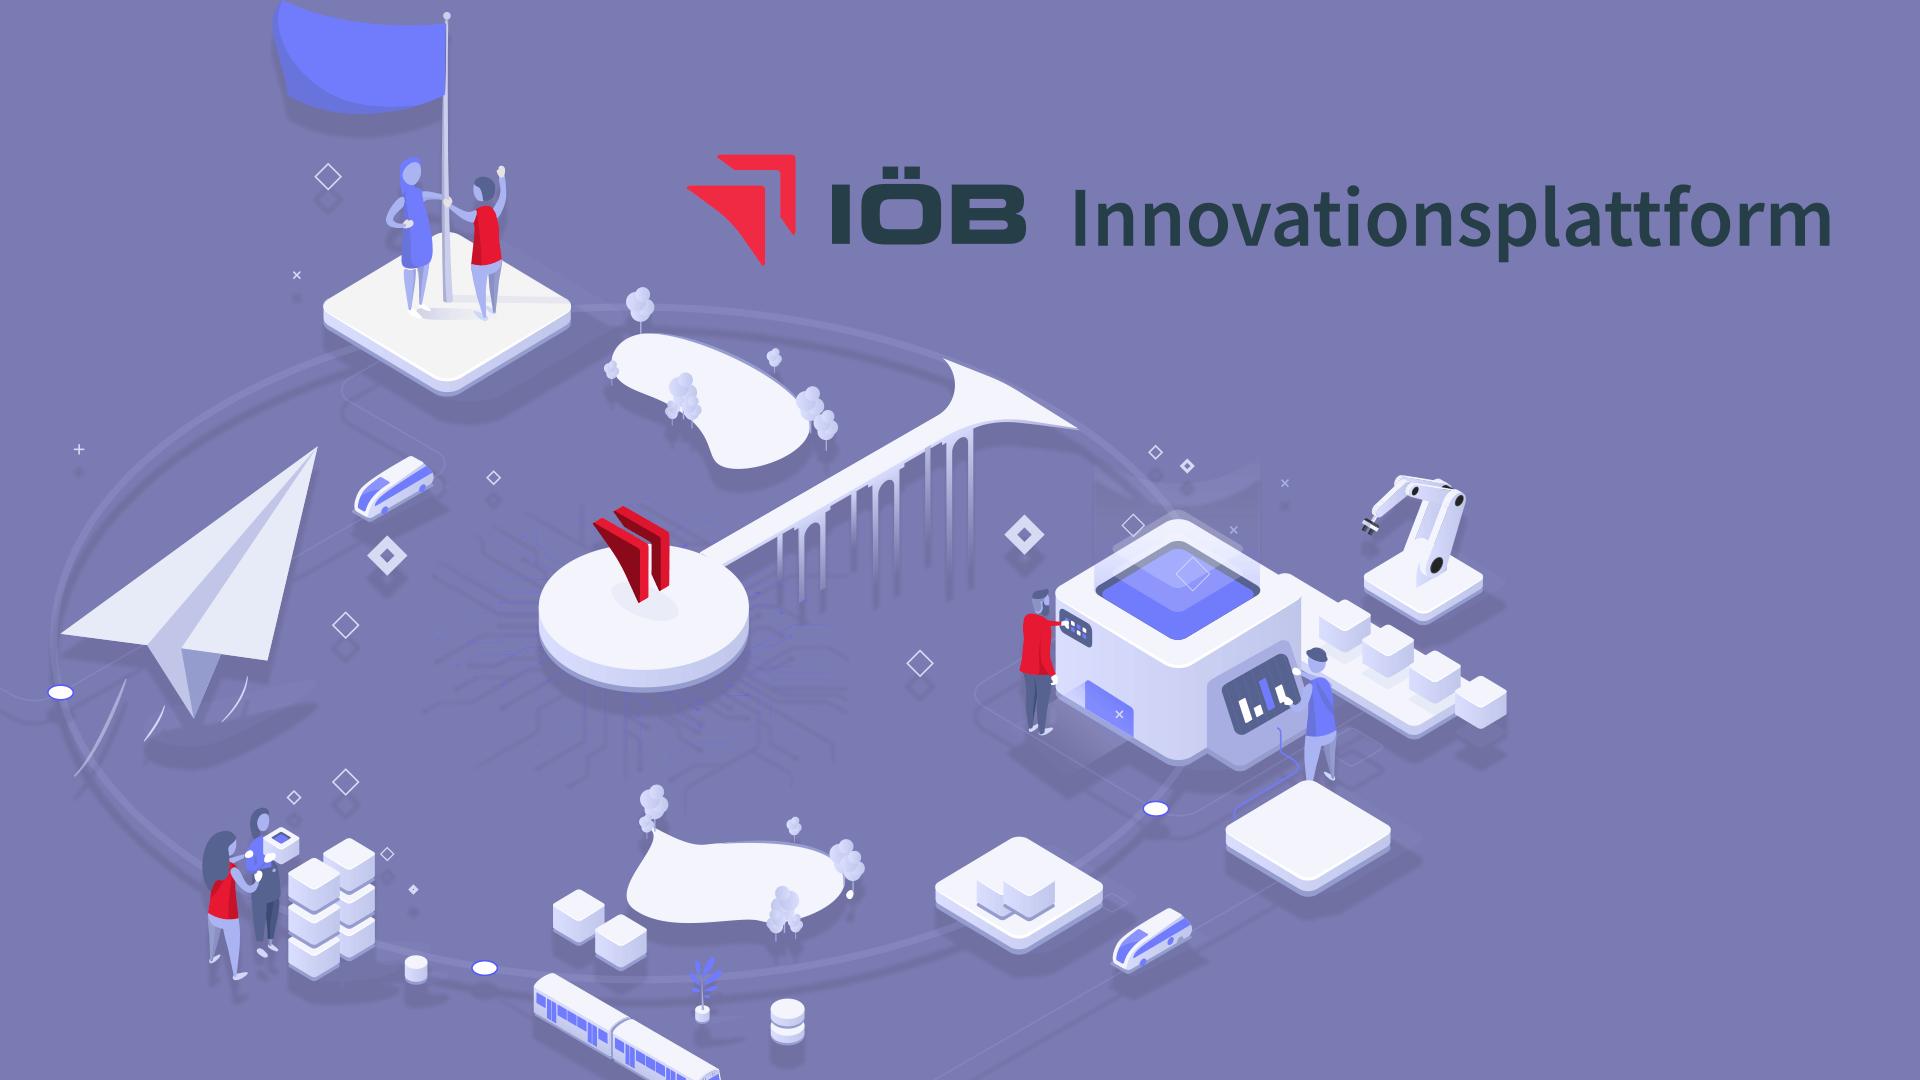 IÖB Innovationsplattform